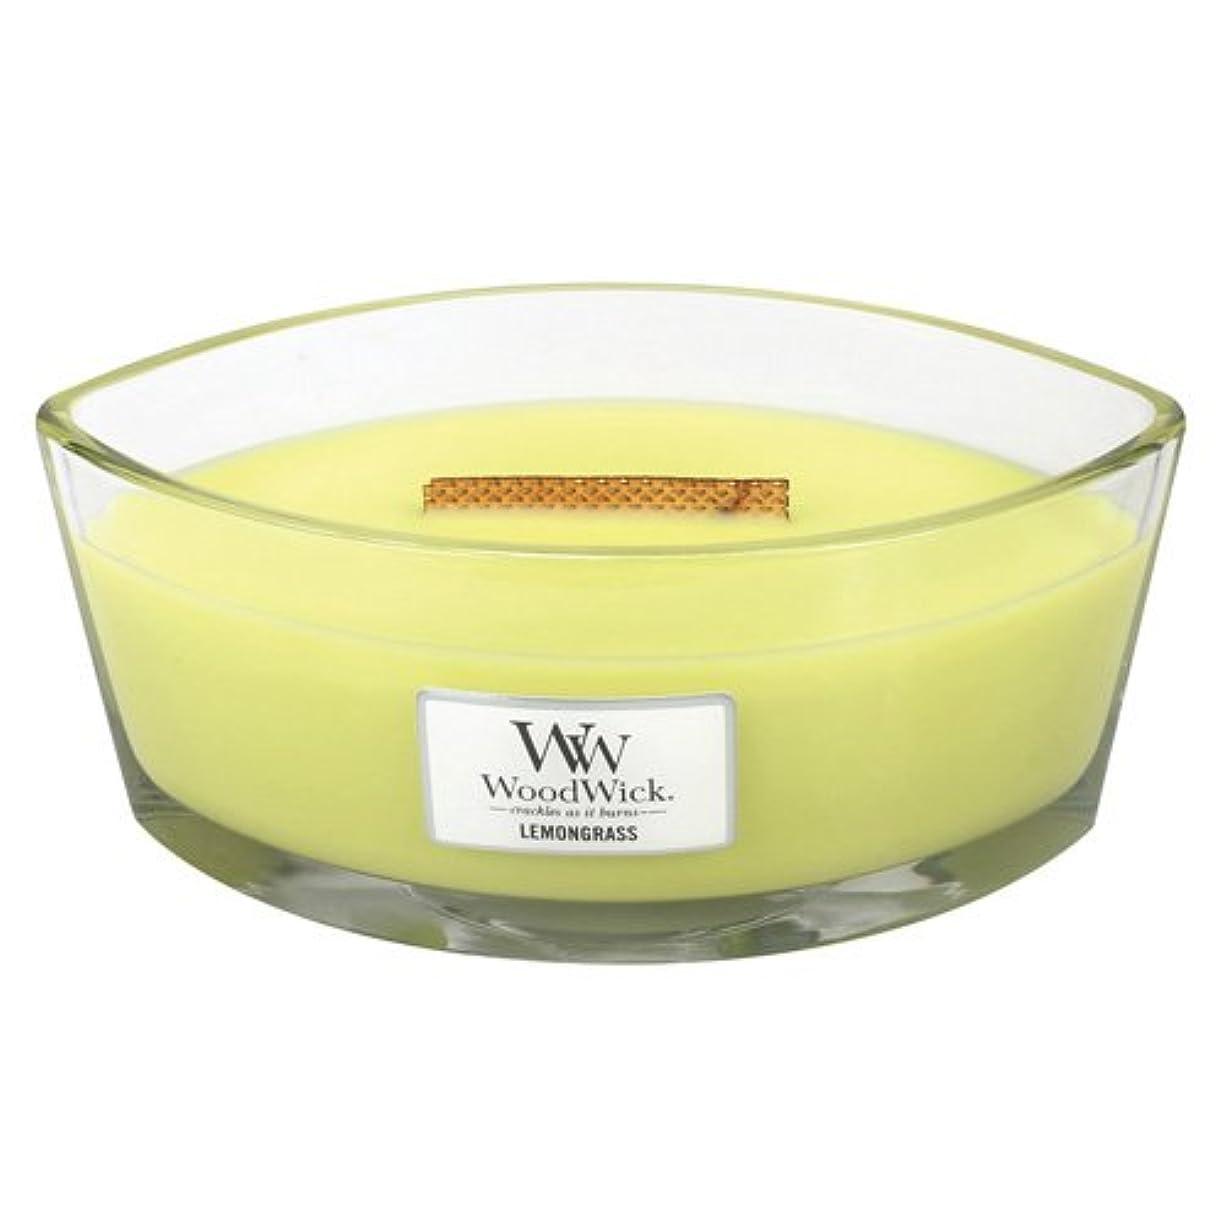 プレゼンター動詞報酬のレモングラスLily HearthWick Flame Large Scented Candle by WoodWick